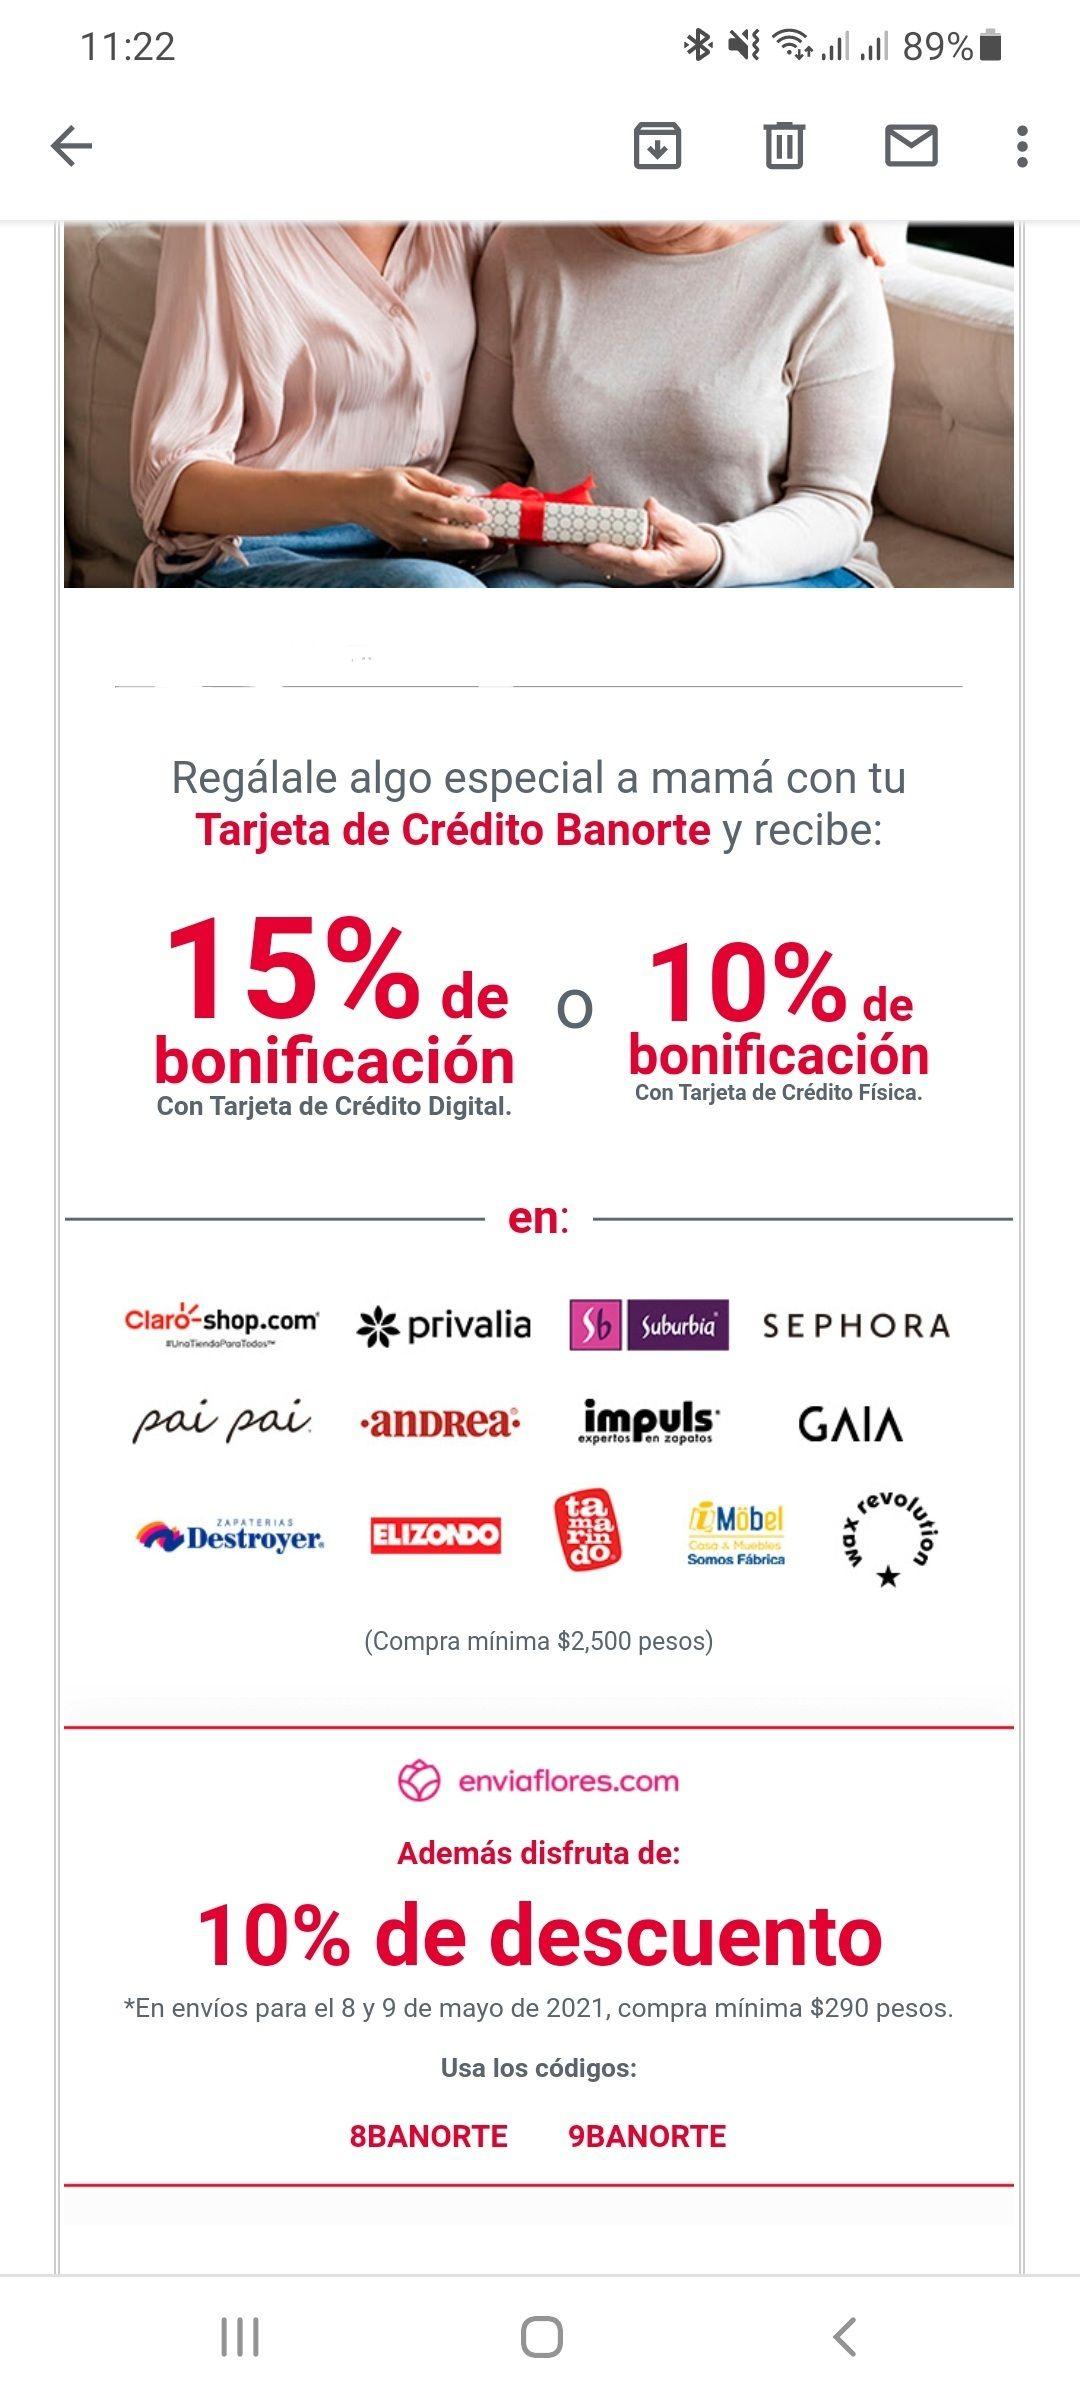 Banorte: 15% de Bonificación en varios establecimientos con TDC Digital